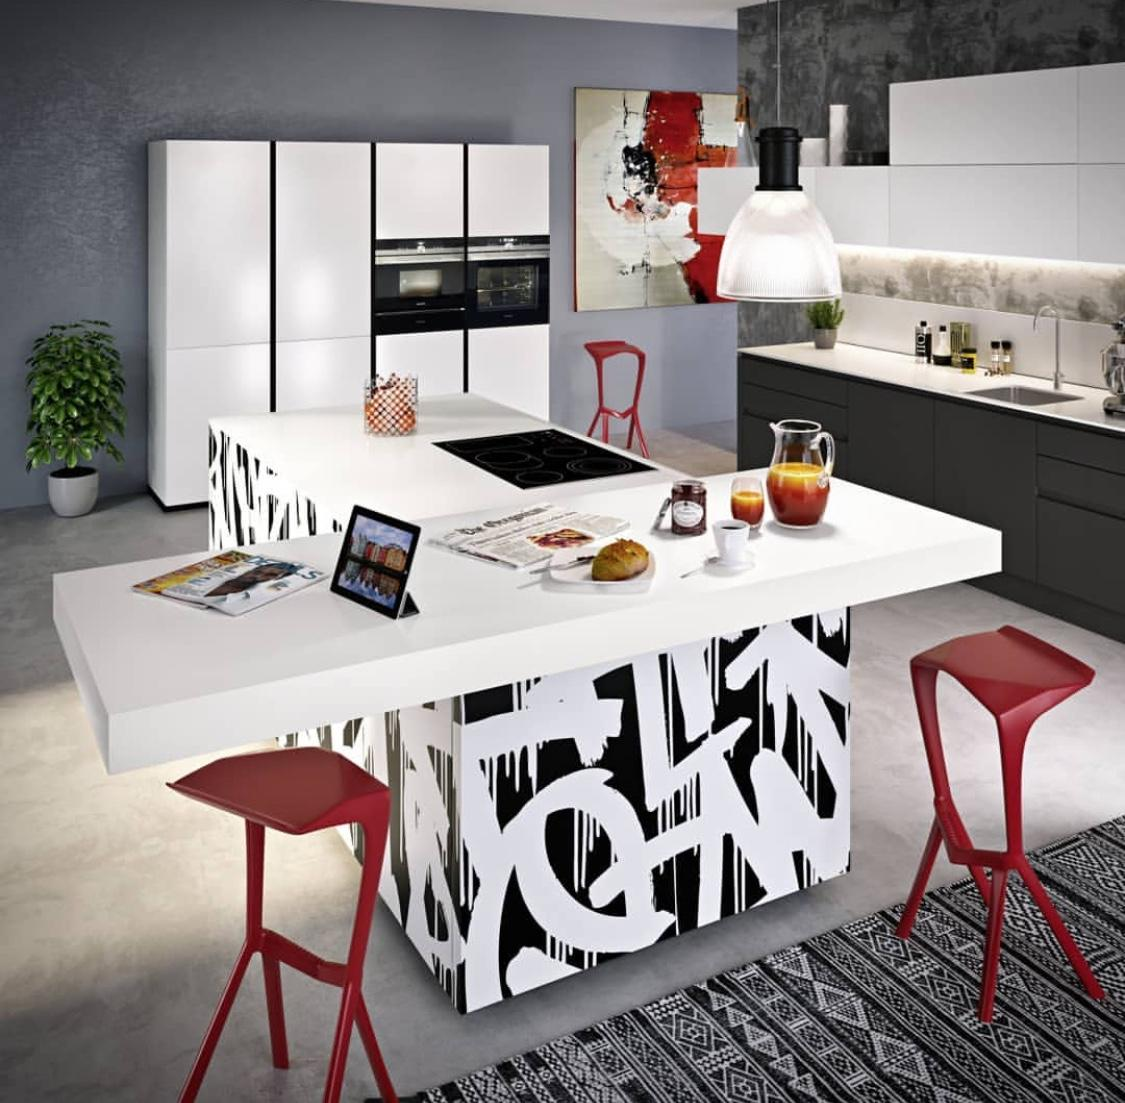 Designer Dream Kitchen Studio